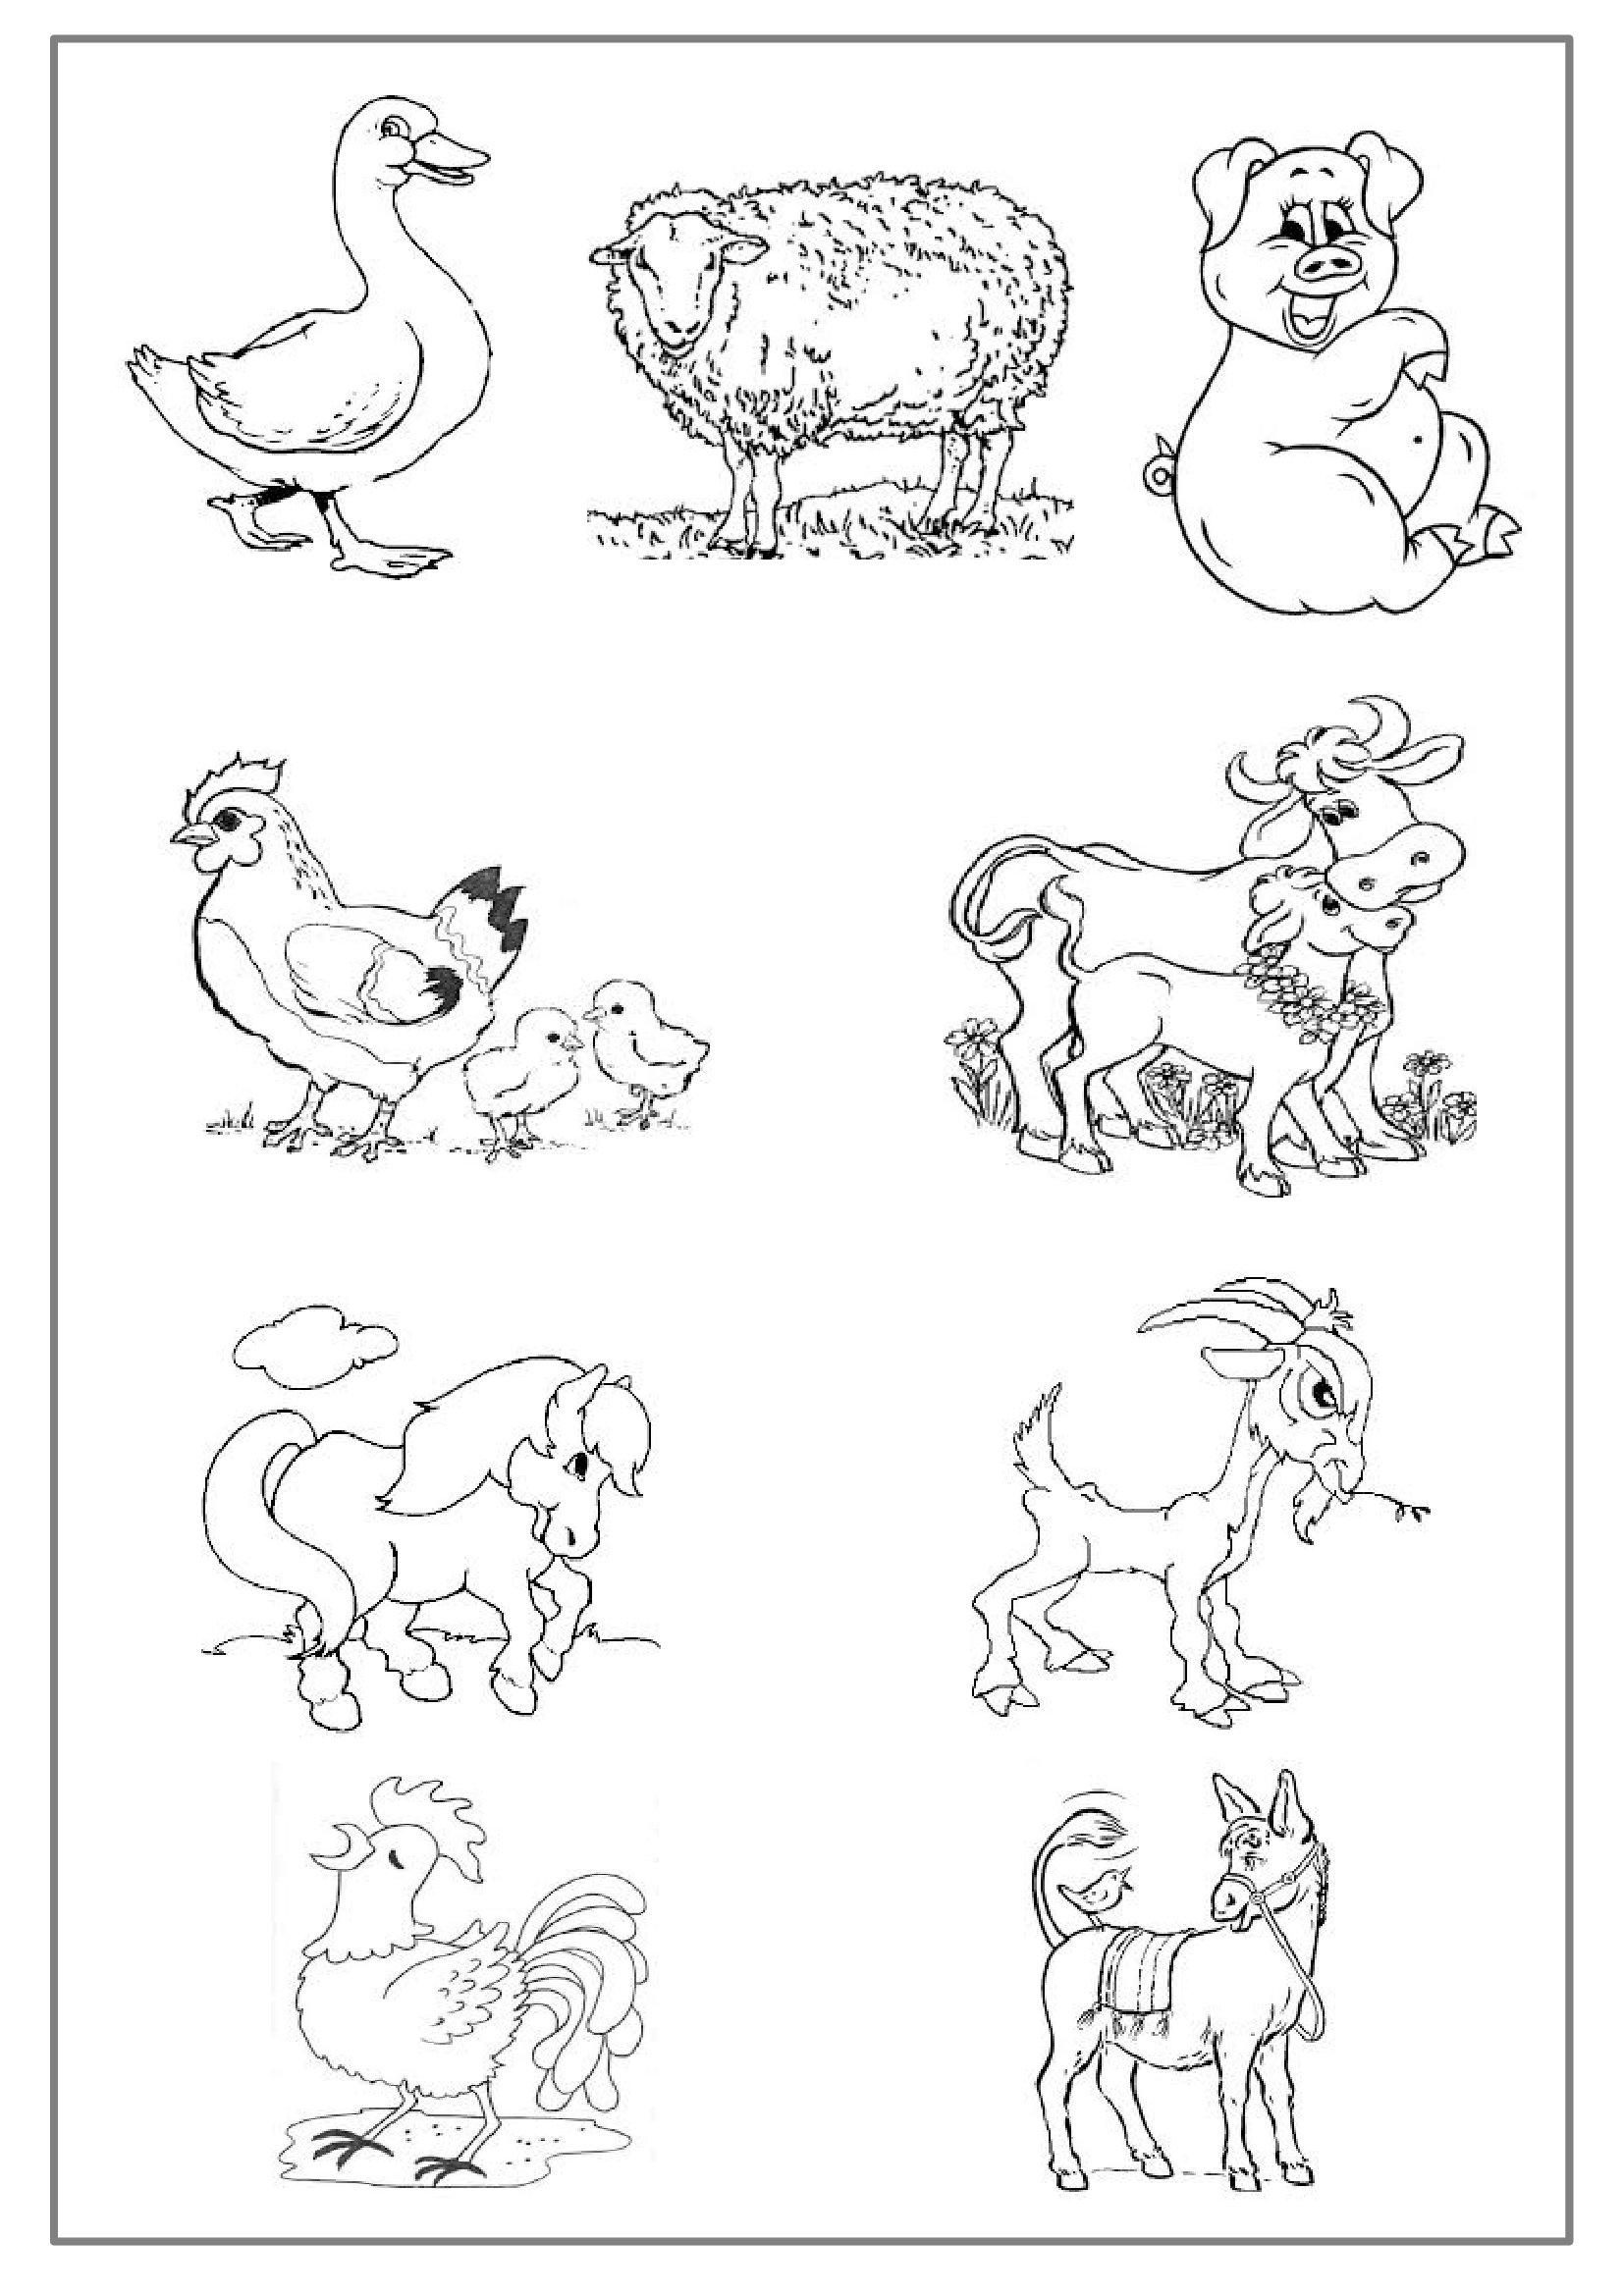 Coloriage Animaux De La Ferme Pdf.Coloriage Les Animaux De La Ferme Preprof